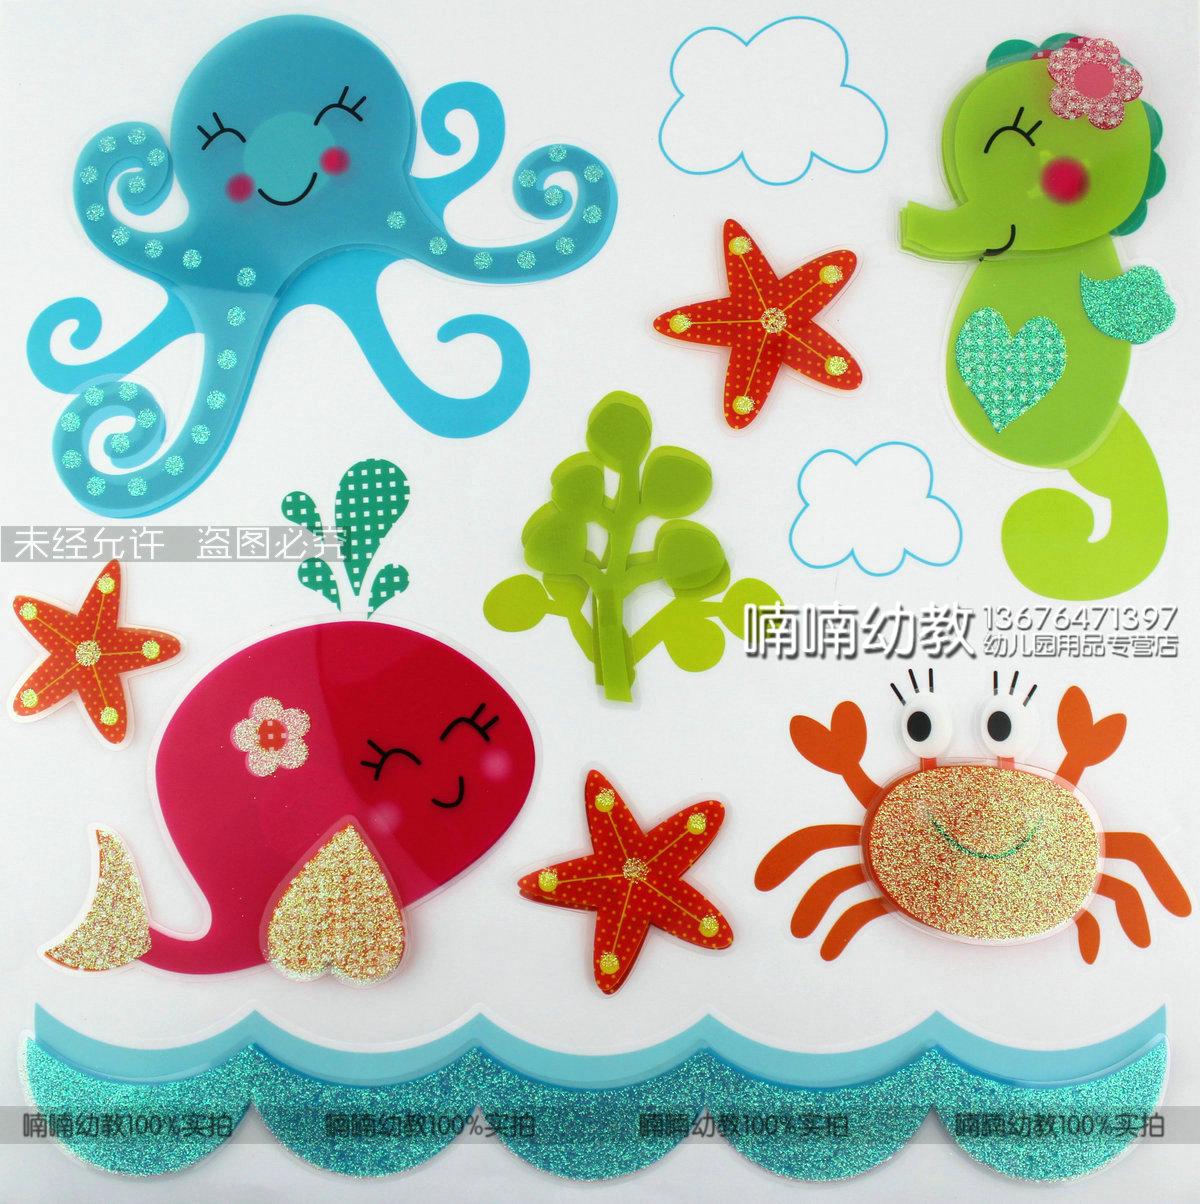 幼儿园墙面环境布置装饰 儿童房卡通立体墙贴 海底世界 章鱼贴饰